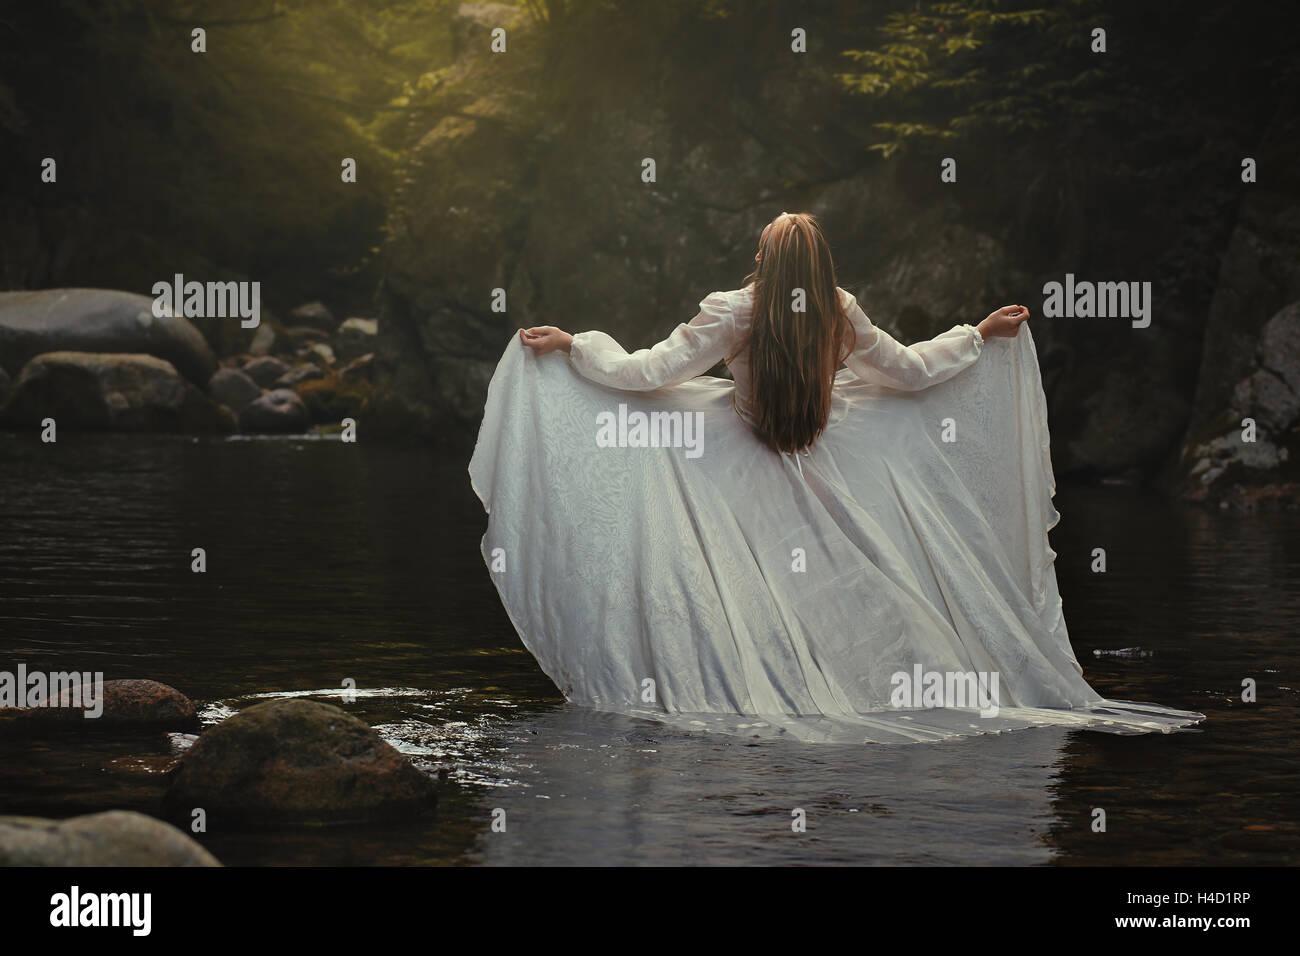 Ethereal donna ascoltando la musica di fiume. Surreale e romantico Immagini Stock